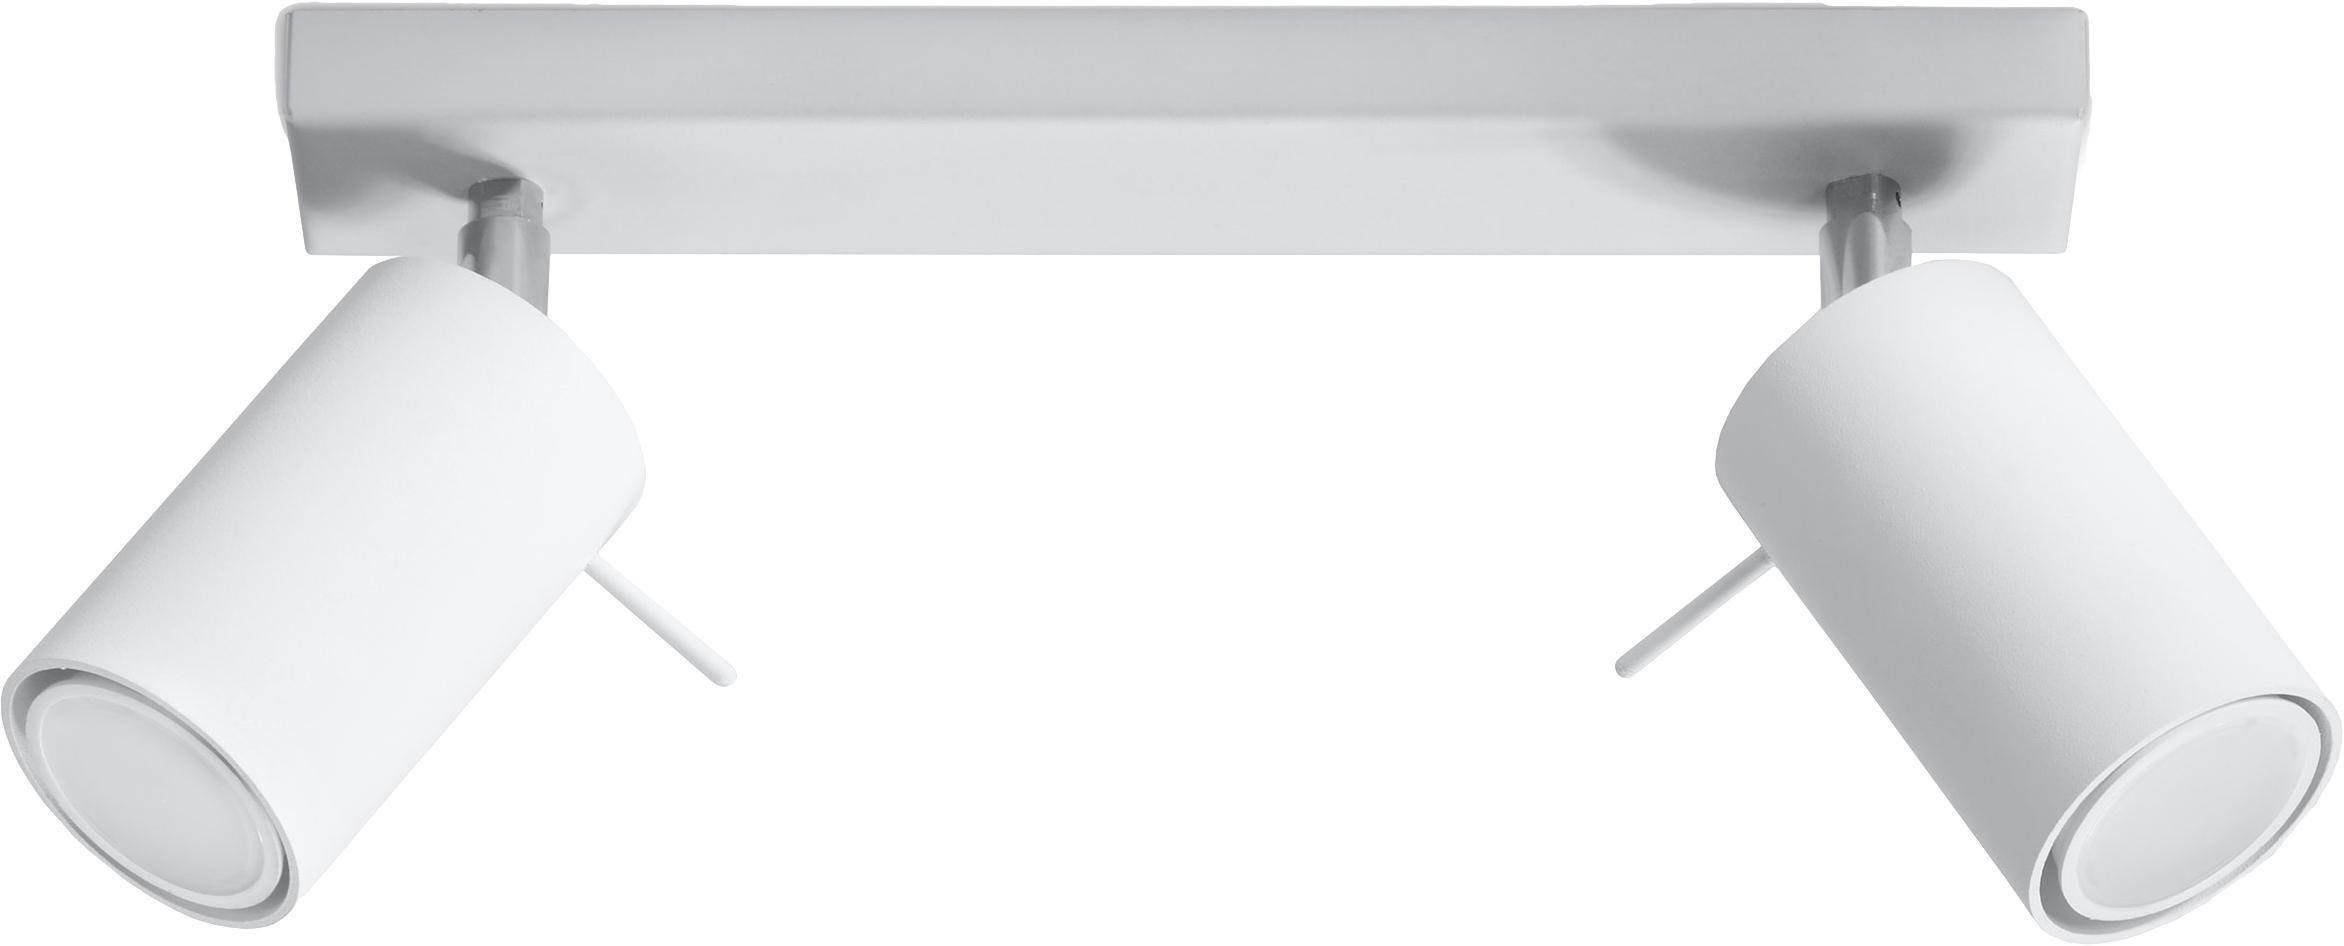 Deckenstrahler Etna in Weiß, Stahl, lackiert, Weiß, 30 x 15 cm